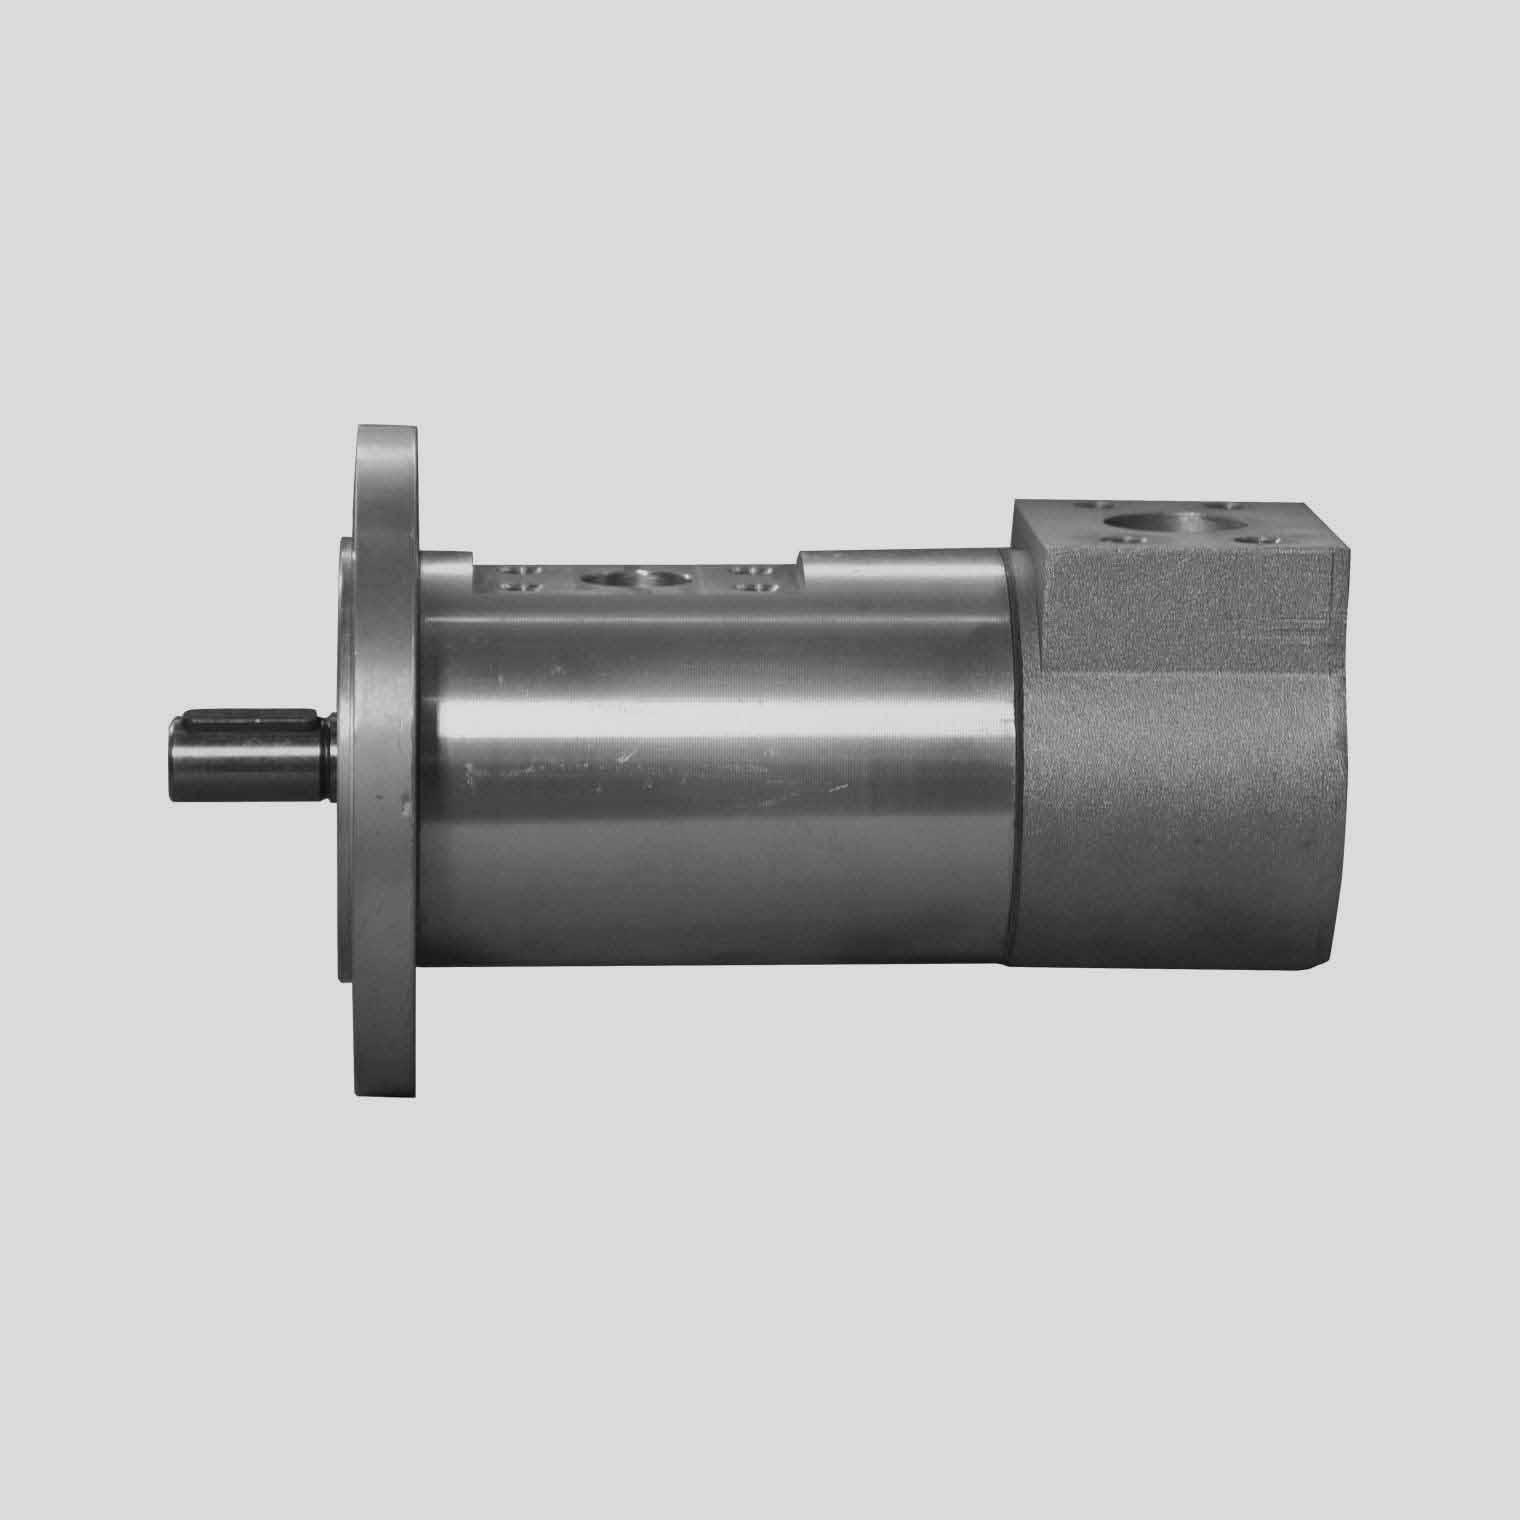 出售GR40SMT16B100L江阴电厂配套螺杆泵整机